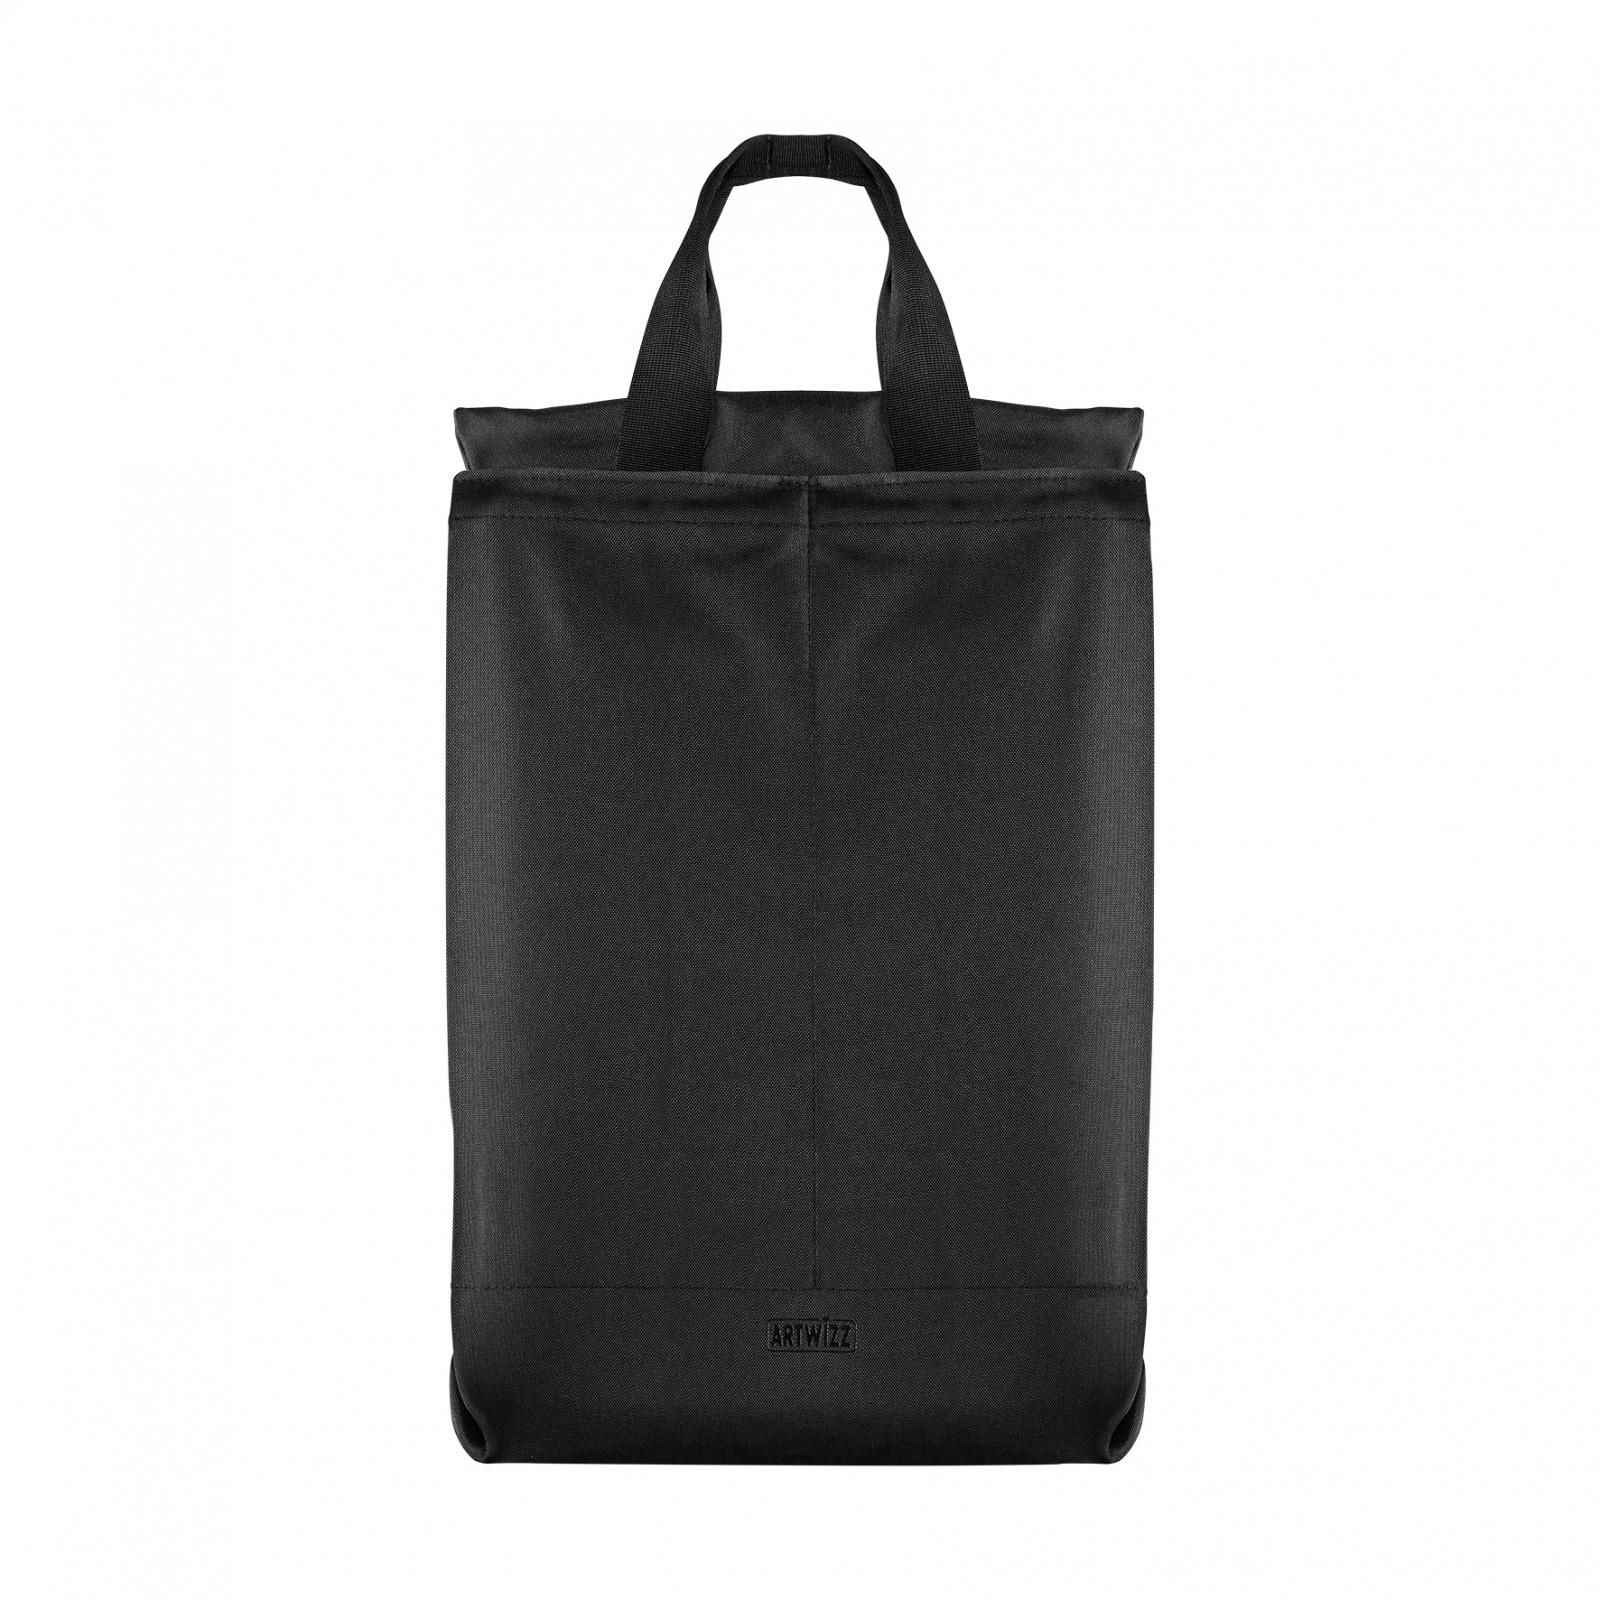 artwizz eco backpack leichter 2in1 design rucksack trage. Black Bedroom Furniture Sets. Home Design Ideas